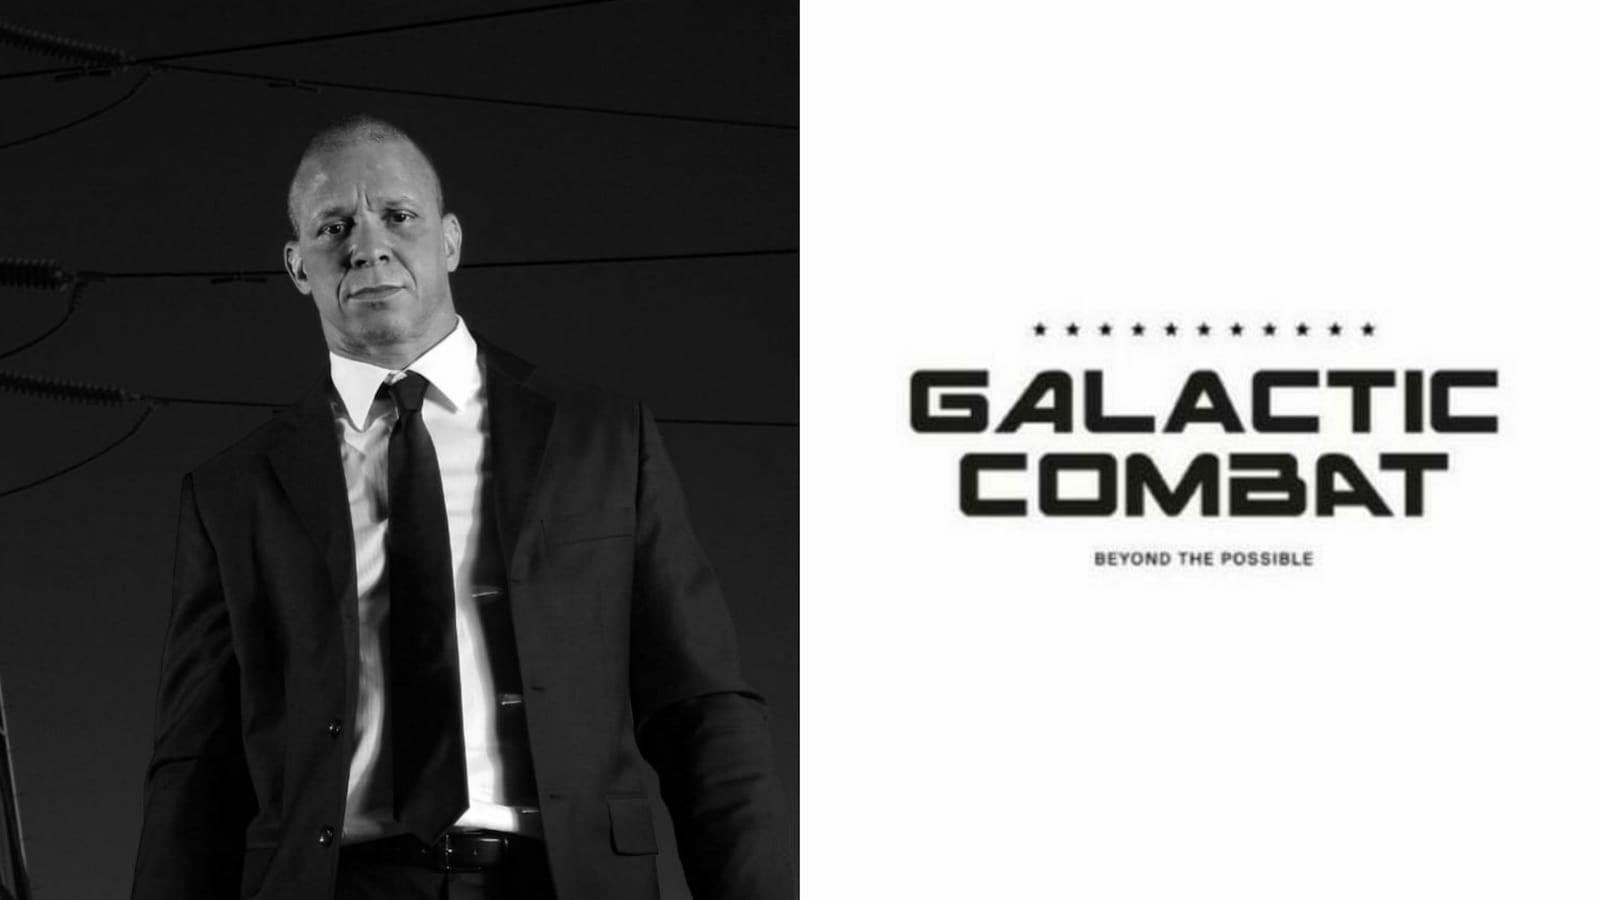 John Lewis and Galactic Combat